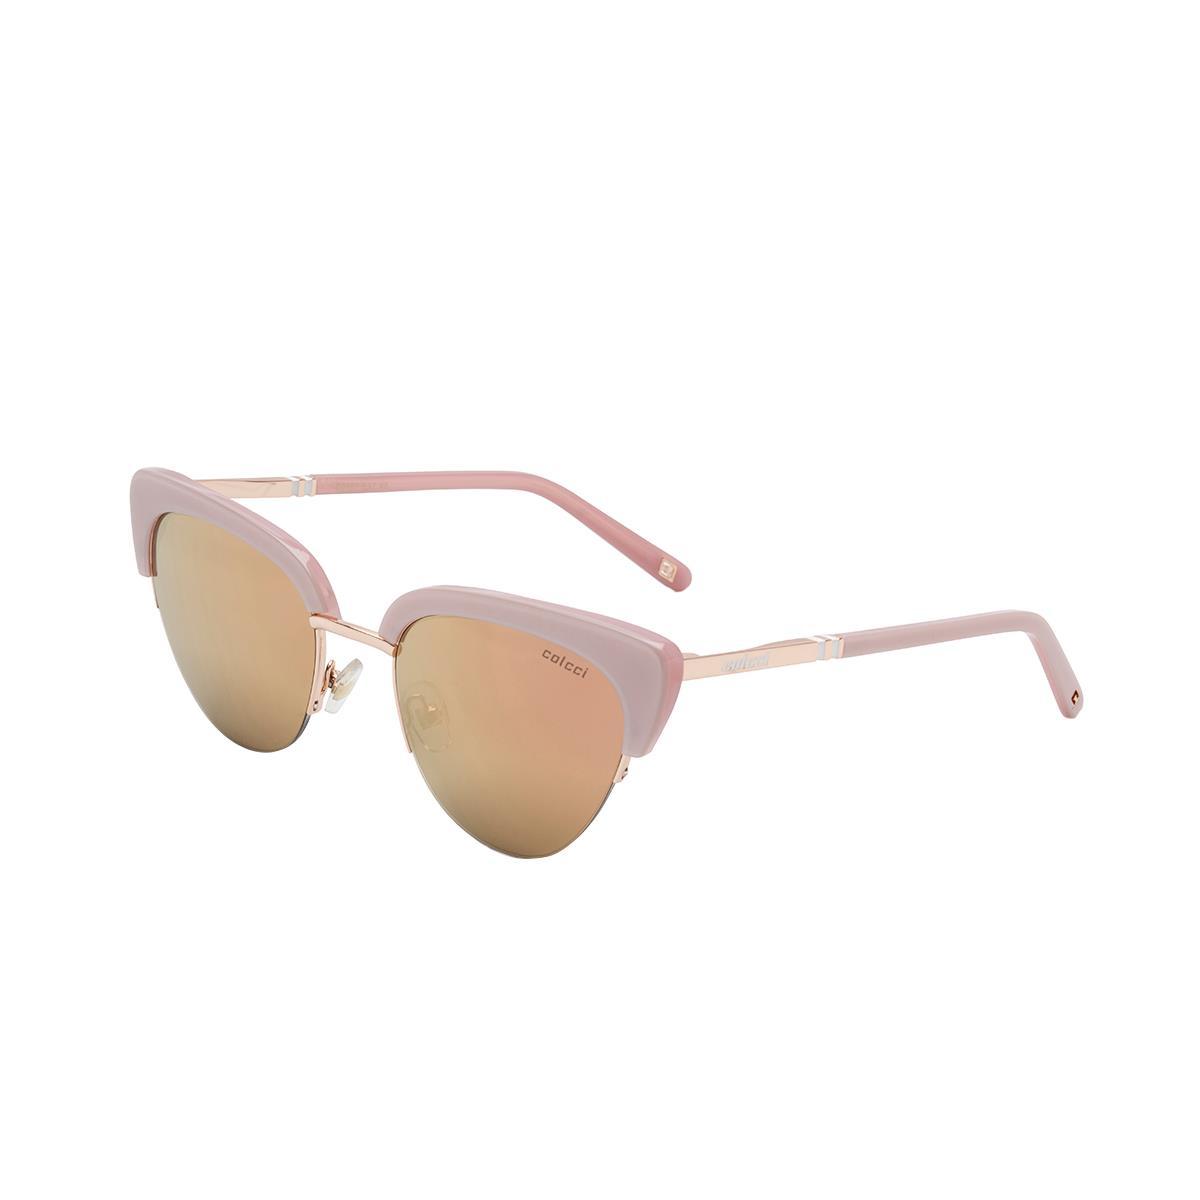 04bb2e0a3 Óculos De Sol Colcci C0101 Dourado Rose Lente Marrom Revo Rose Gold na  Estrela10